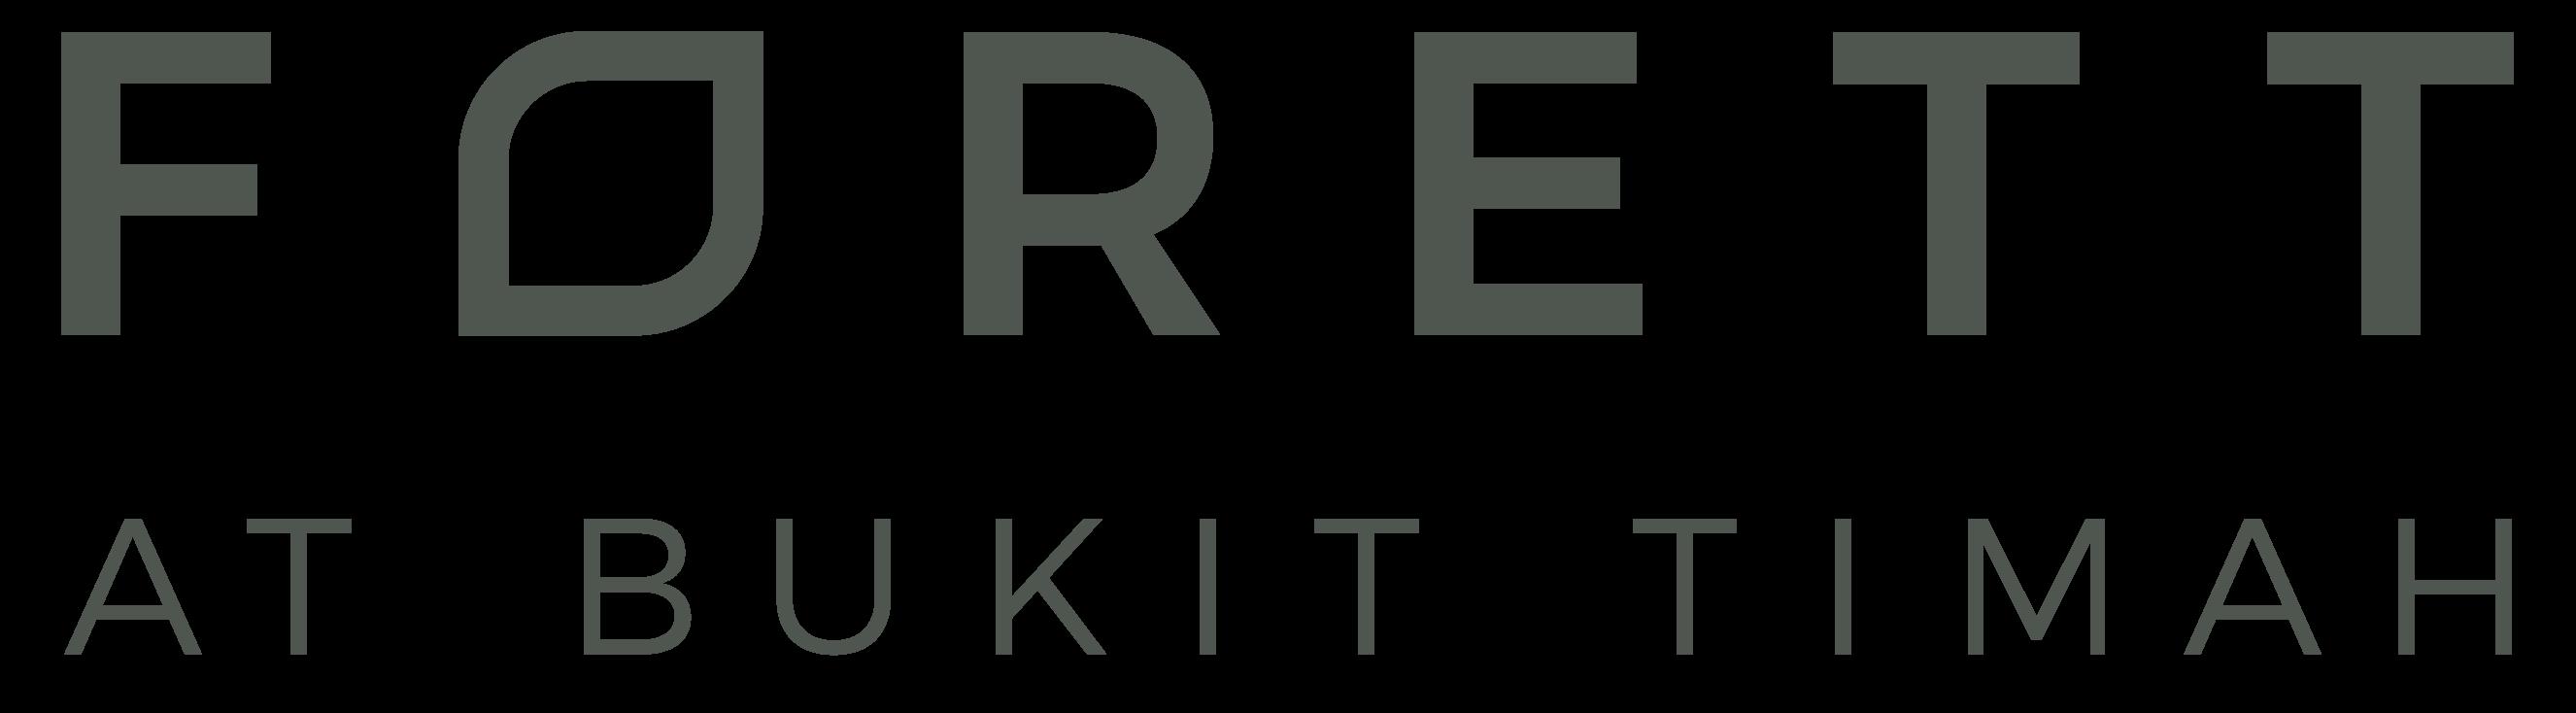 forett-at-bukit-timah-logo